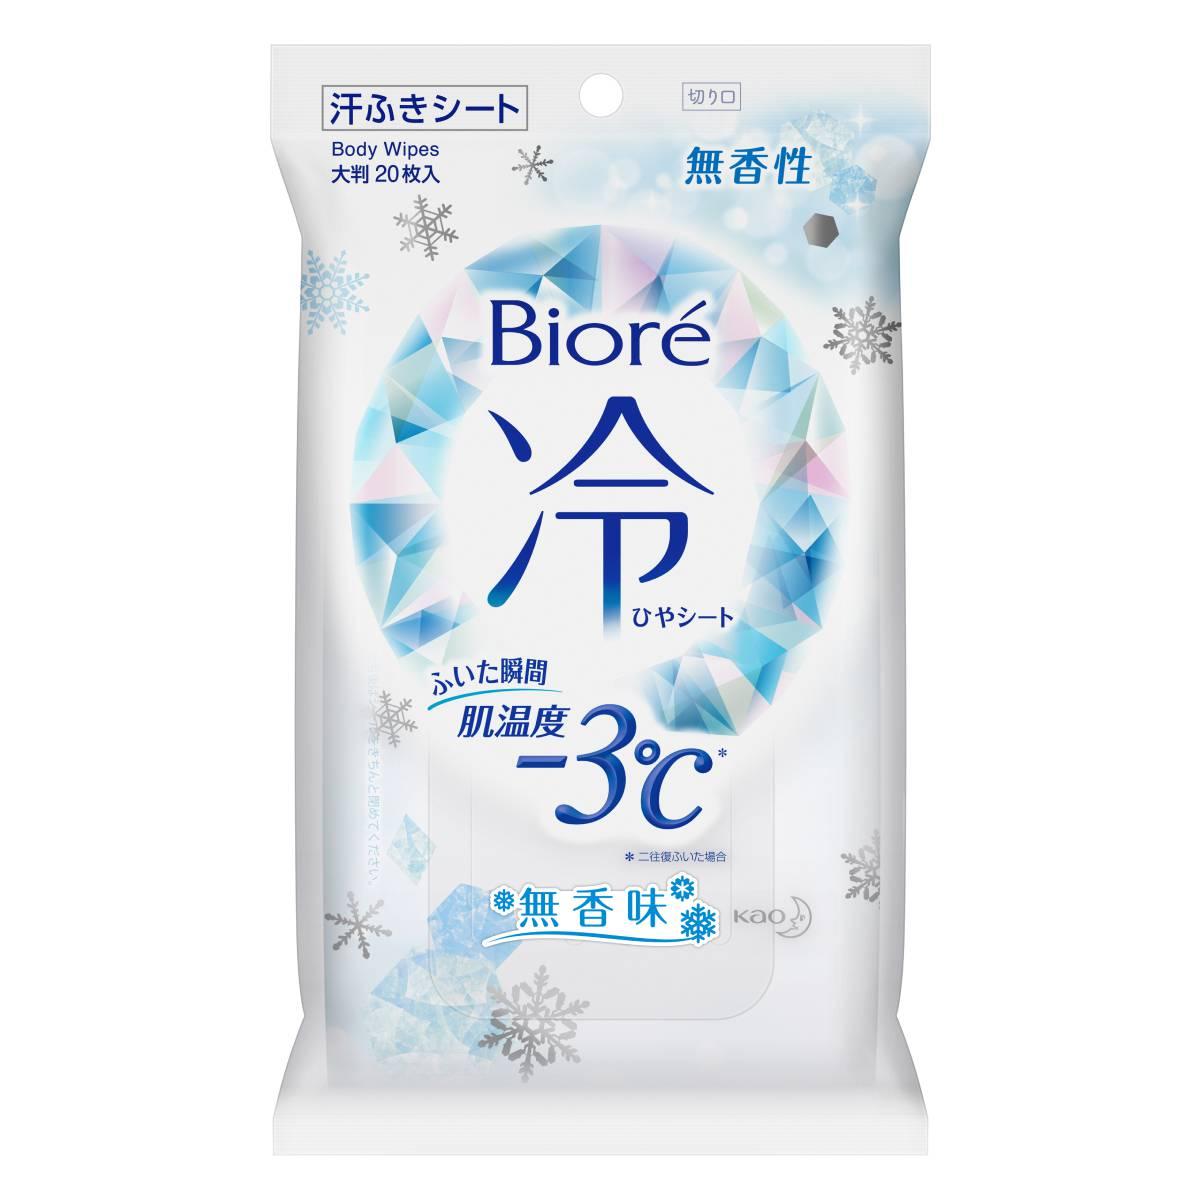 Biore蜜妮-3C涼感濕巾無香味20片